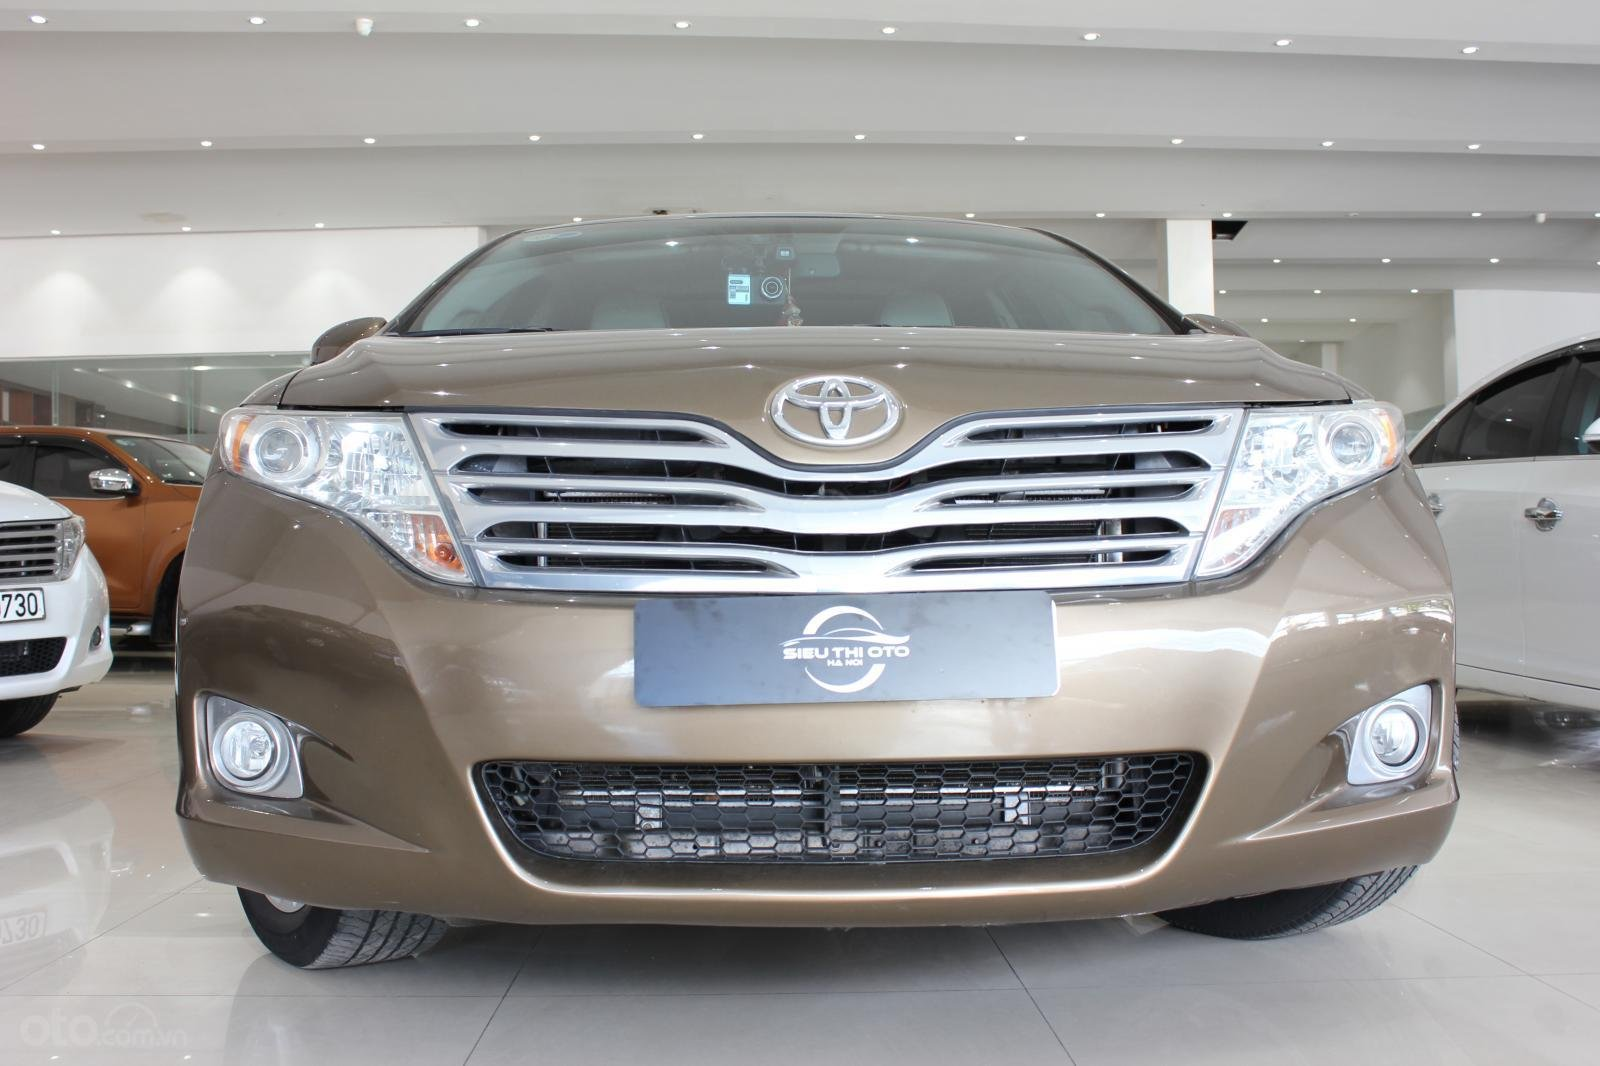 Bán ô tô Toyota Venza năm sản xuất 2011, màu nâu, nhập khẩu -3